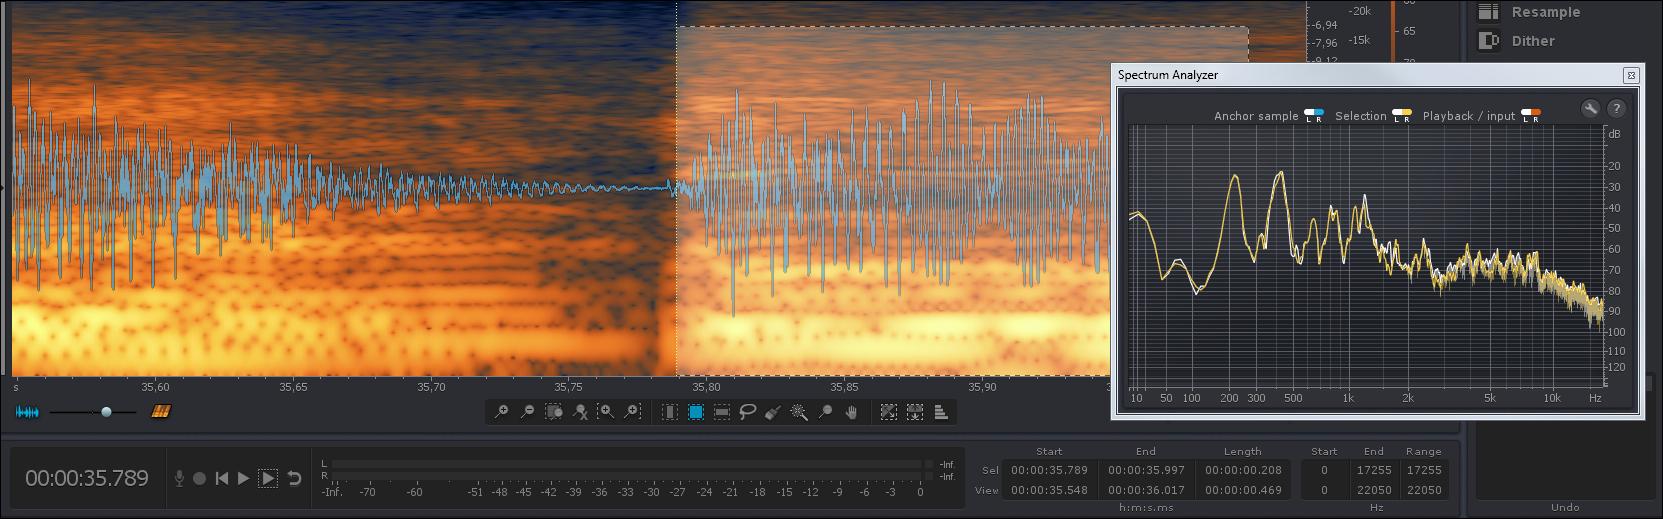 Störgeräusche entfernen - Quaton - Qualitätsverbesserung für Ihre Tonaufnahmen